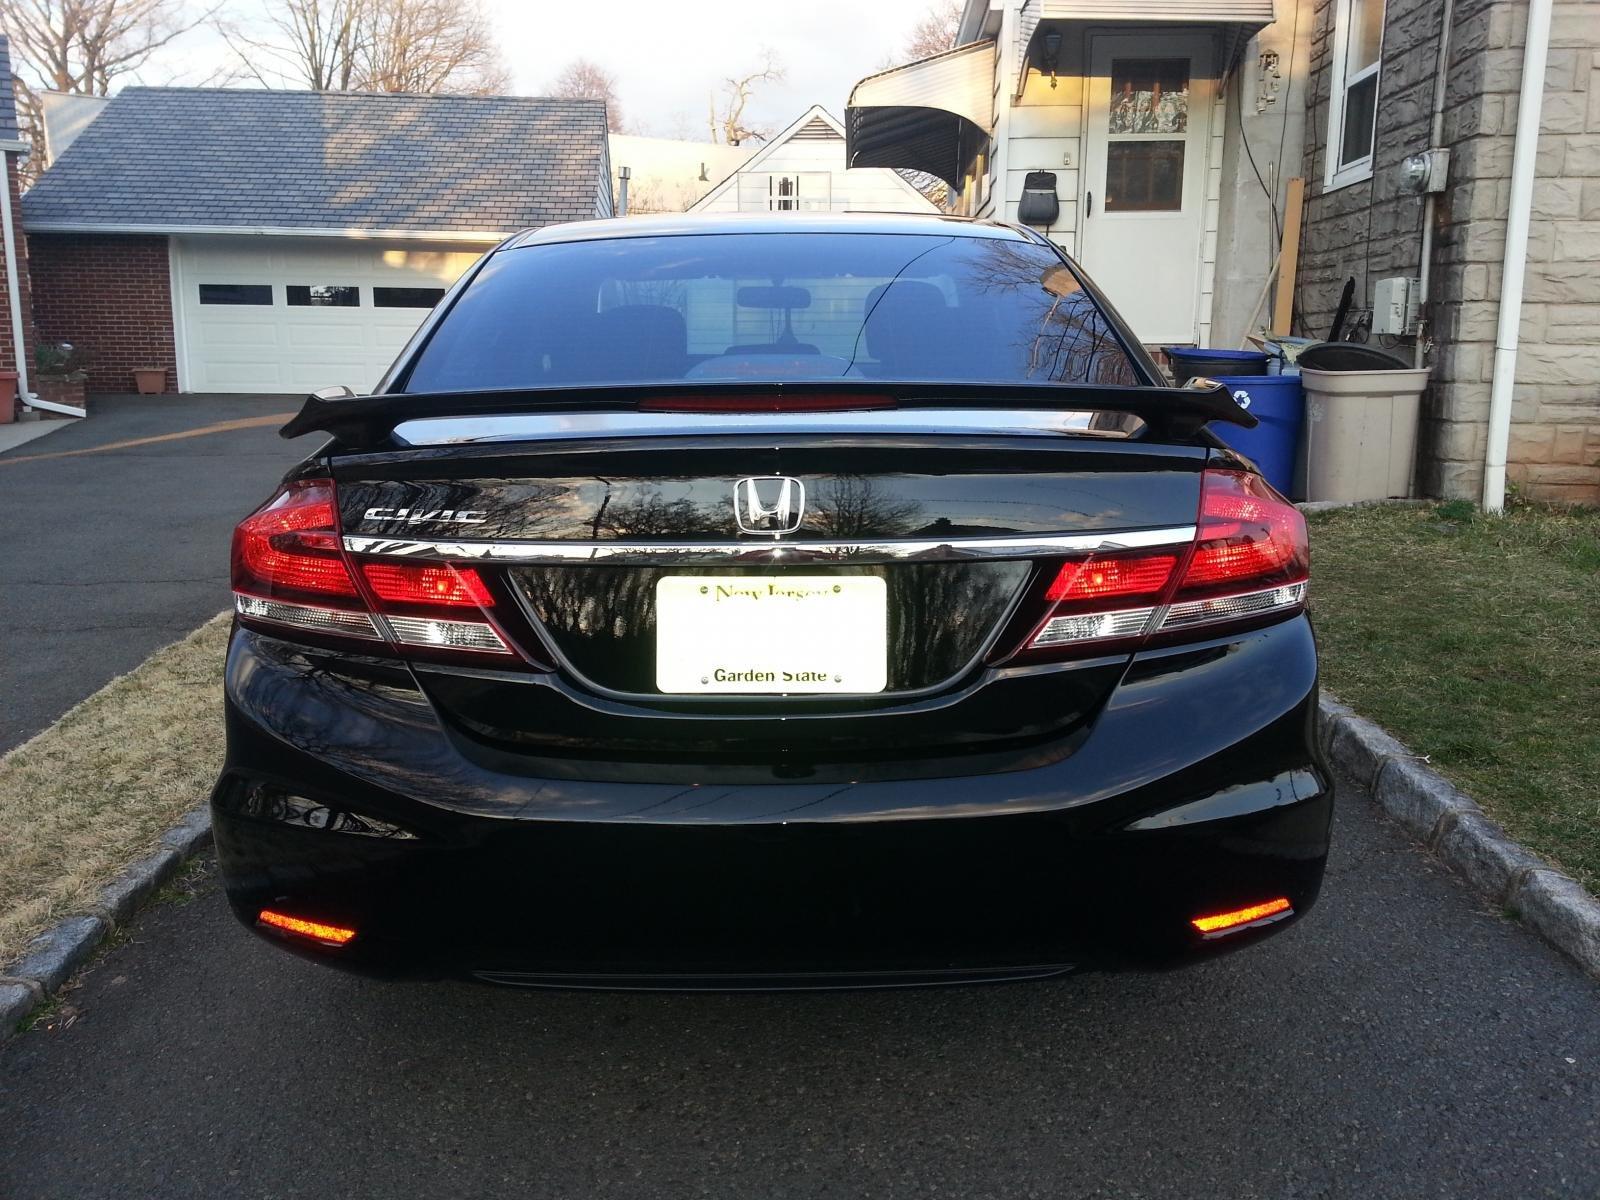 2013 honda civic lx for Honda civic lx